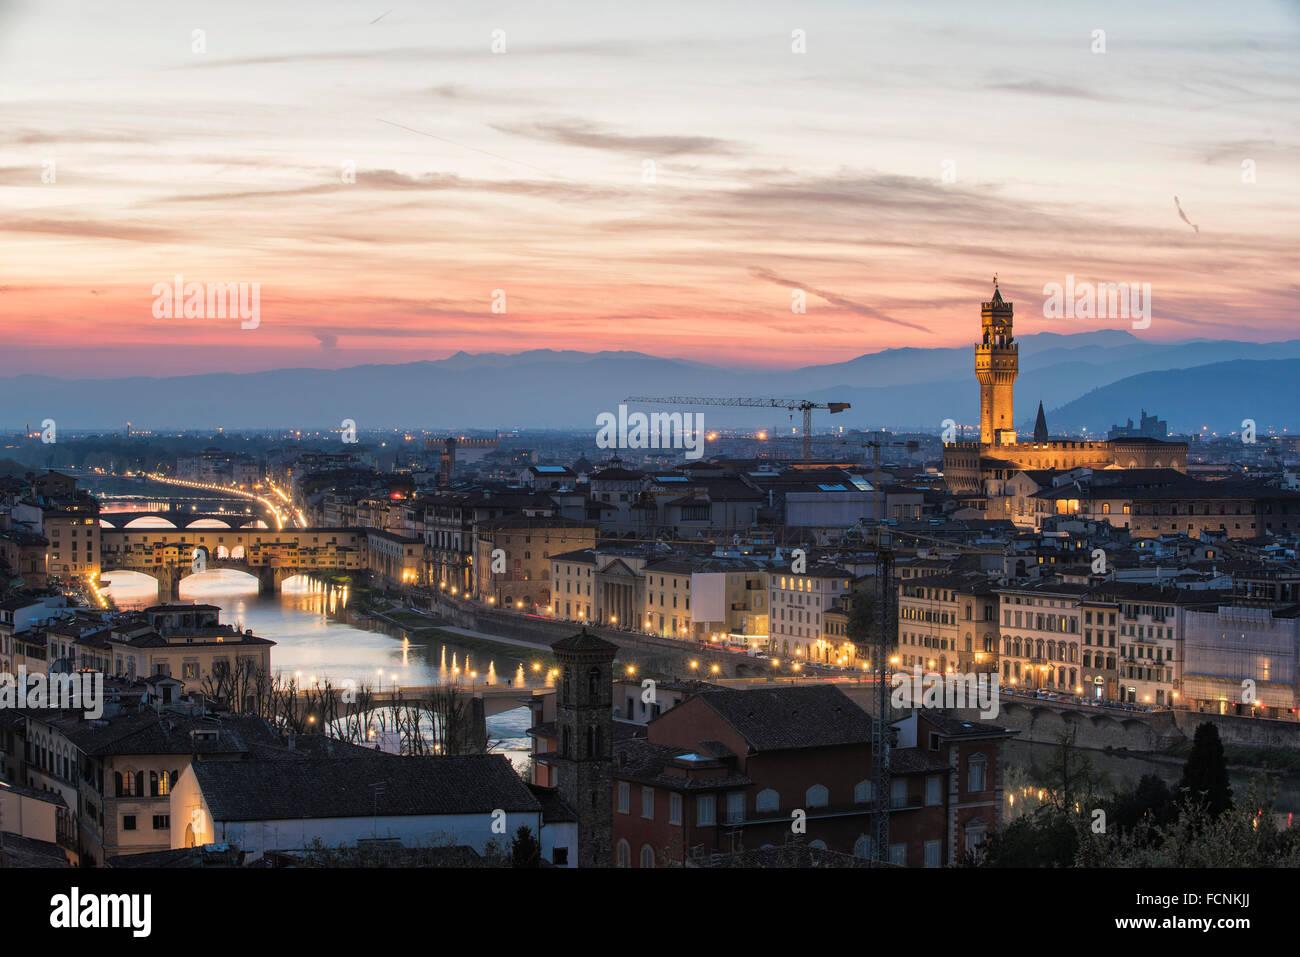 Eine Ansichtskarte von Florenz Panorama kurz nach Sonnenuntergang mit der Skyline von seinen berühmten Monumenten Stockbild